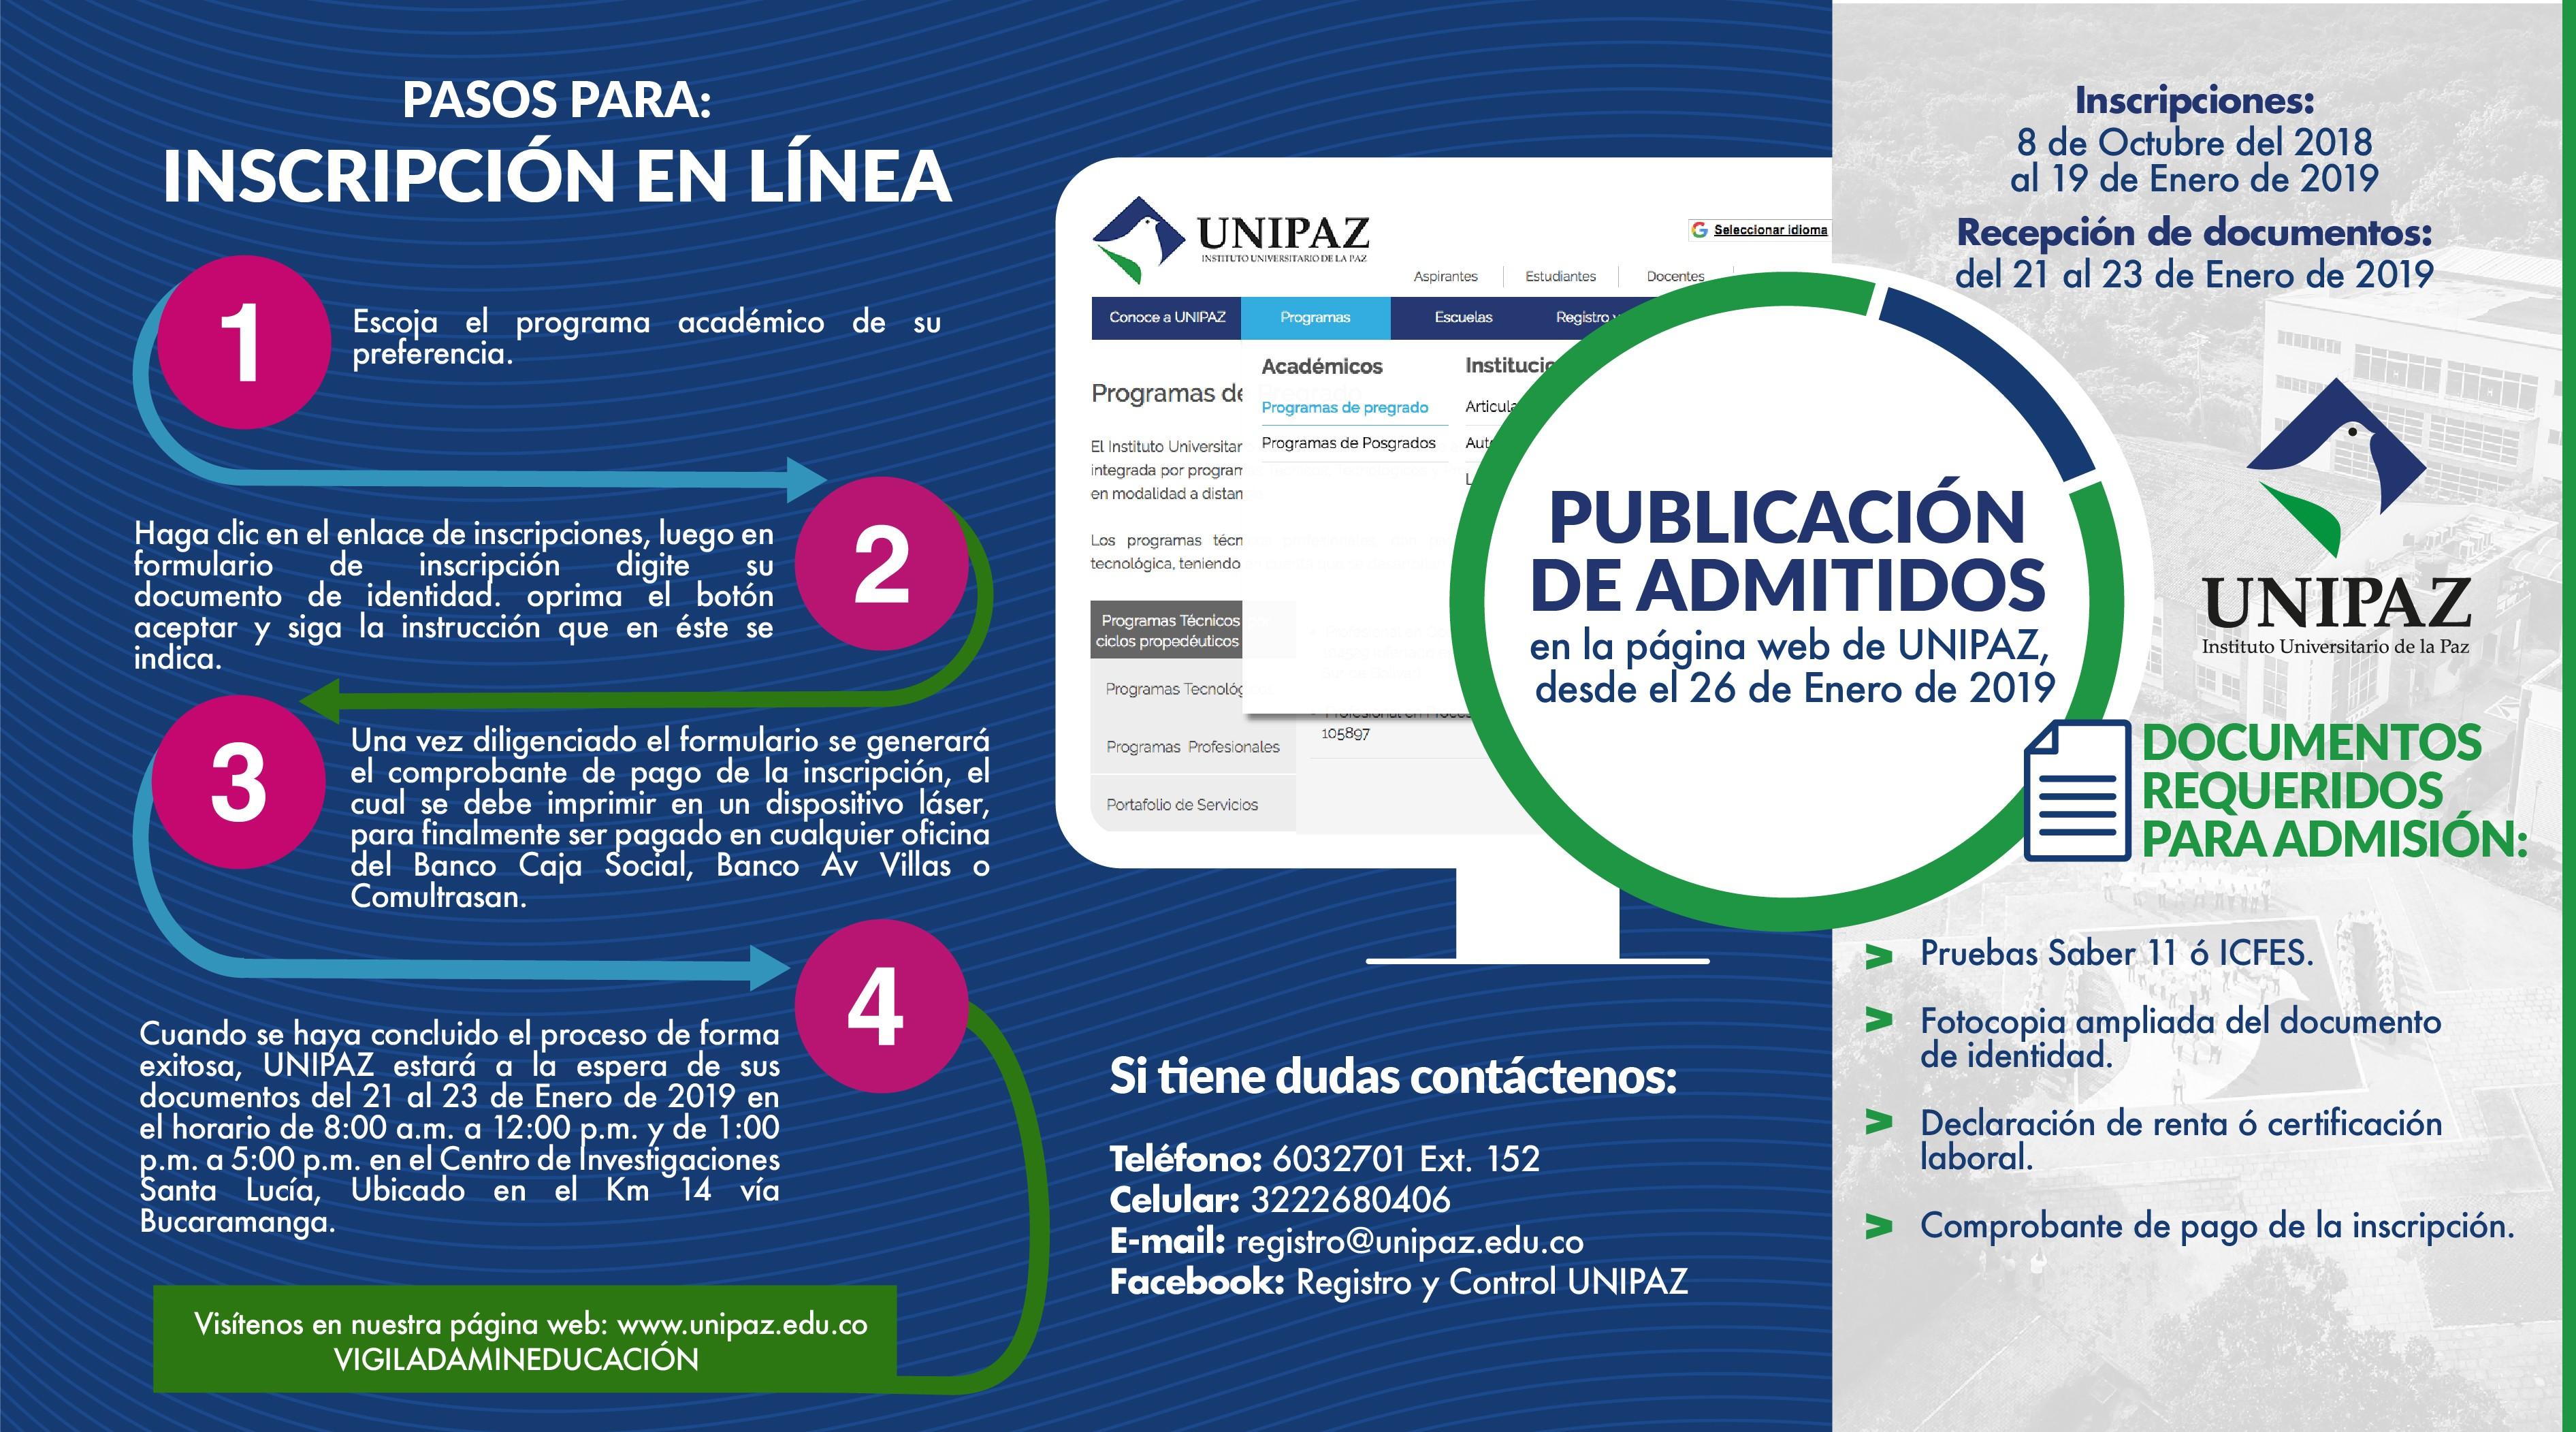 A través del siguiente enlace puede descargar recibo de pago de inscripci³n o matrcula